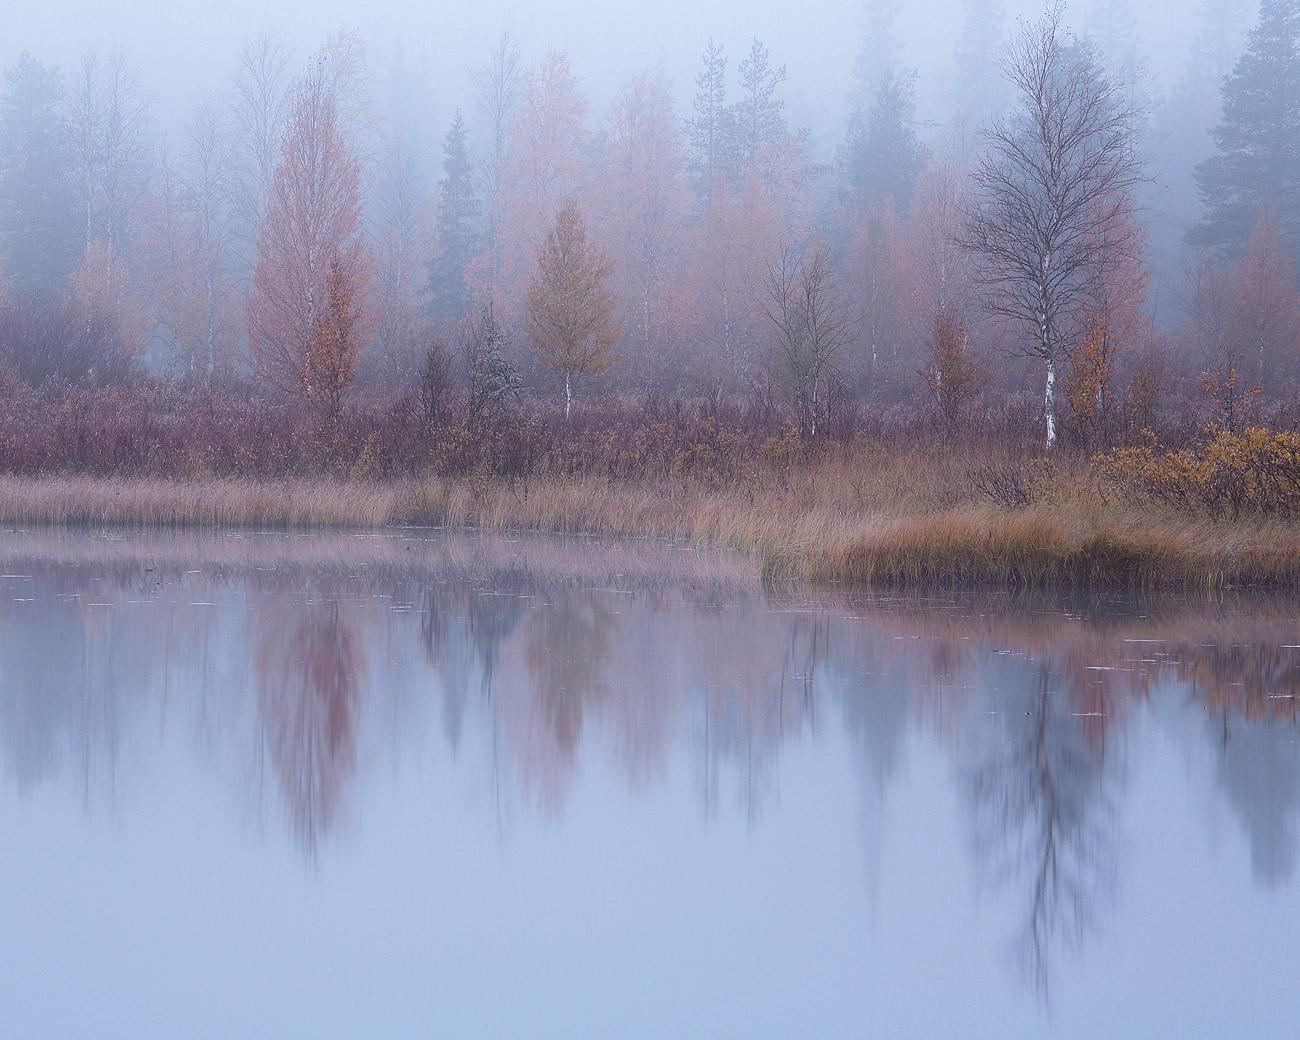 Nebeliger Morgen am Toraslampi, Finland.